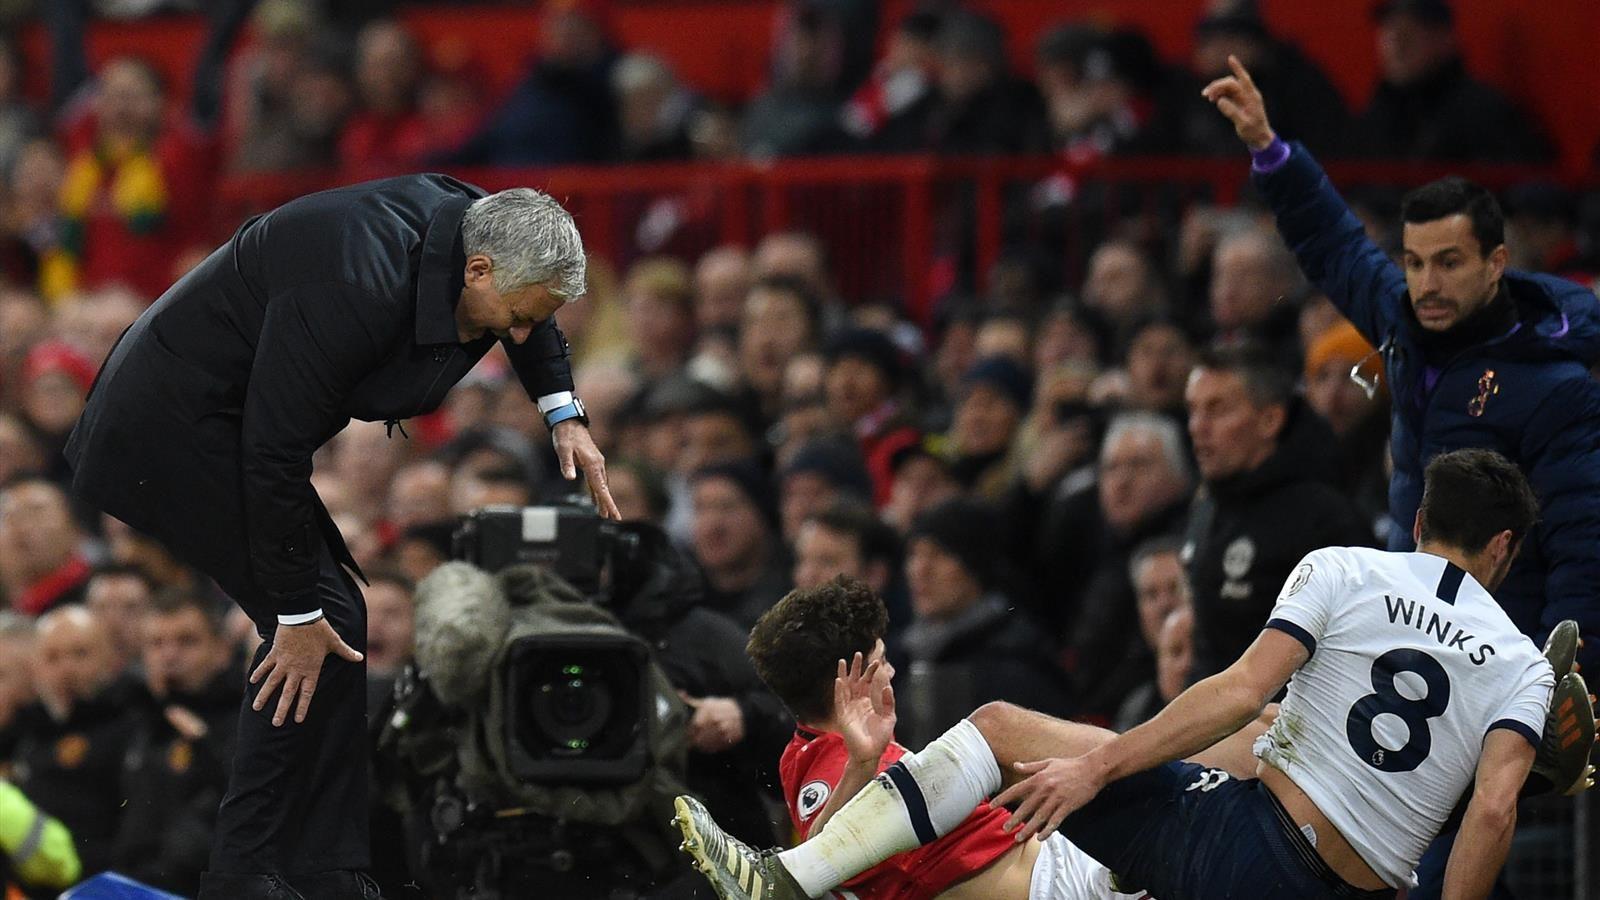 Манчестер Юнайтед - Тоттенхэм, 2:1